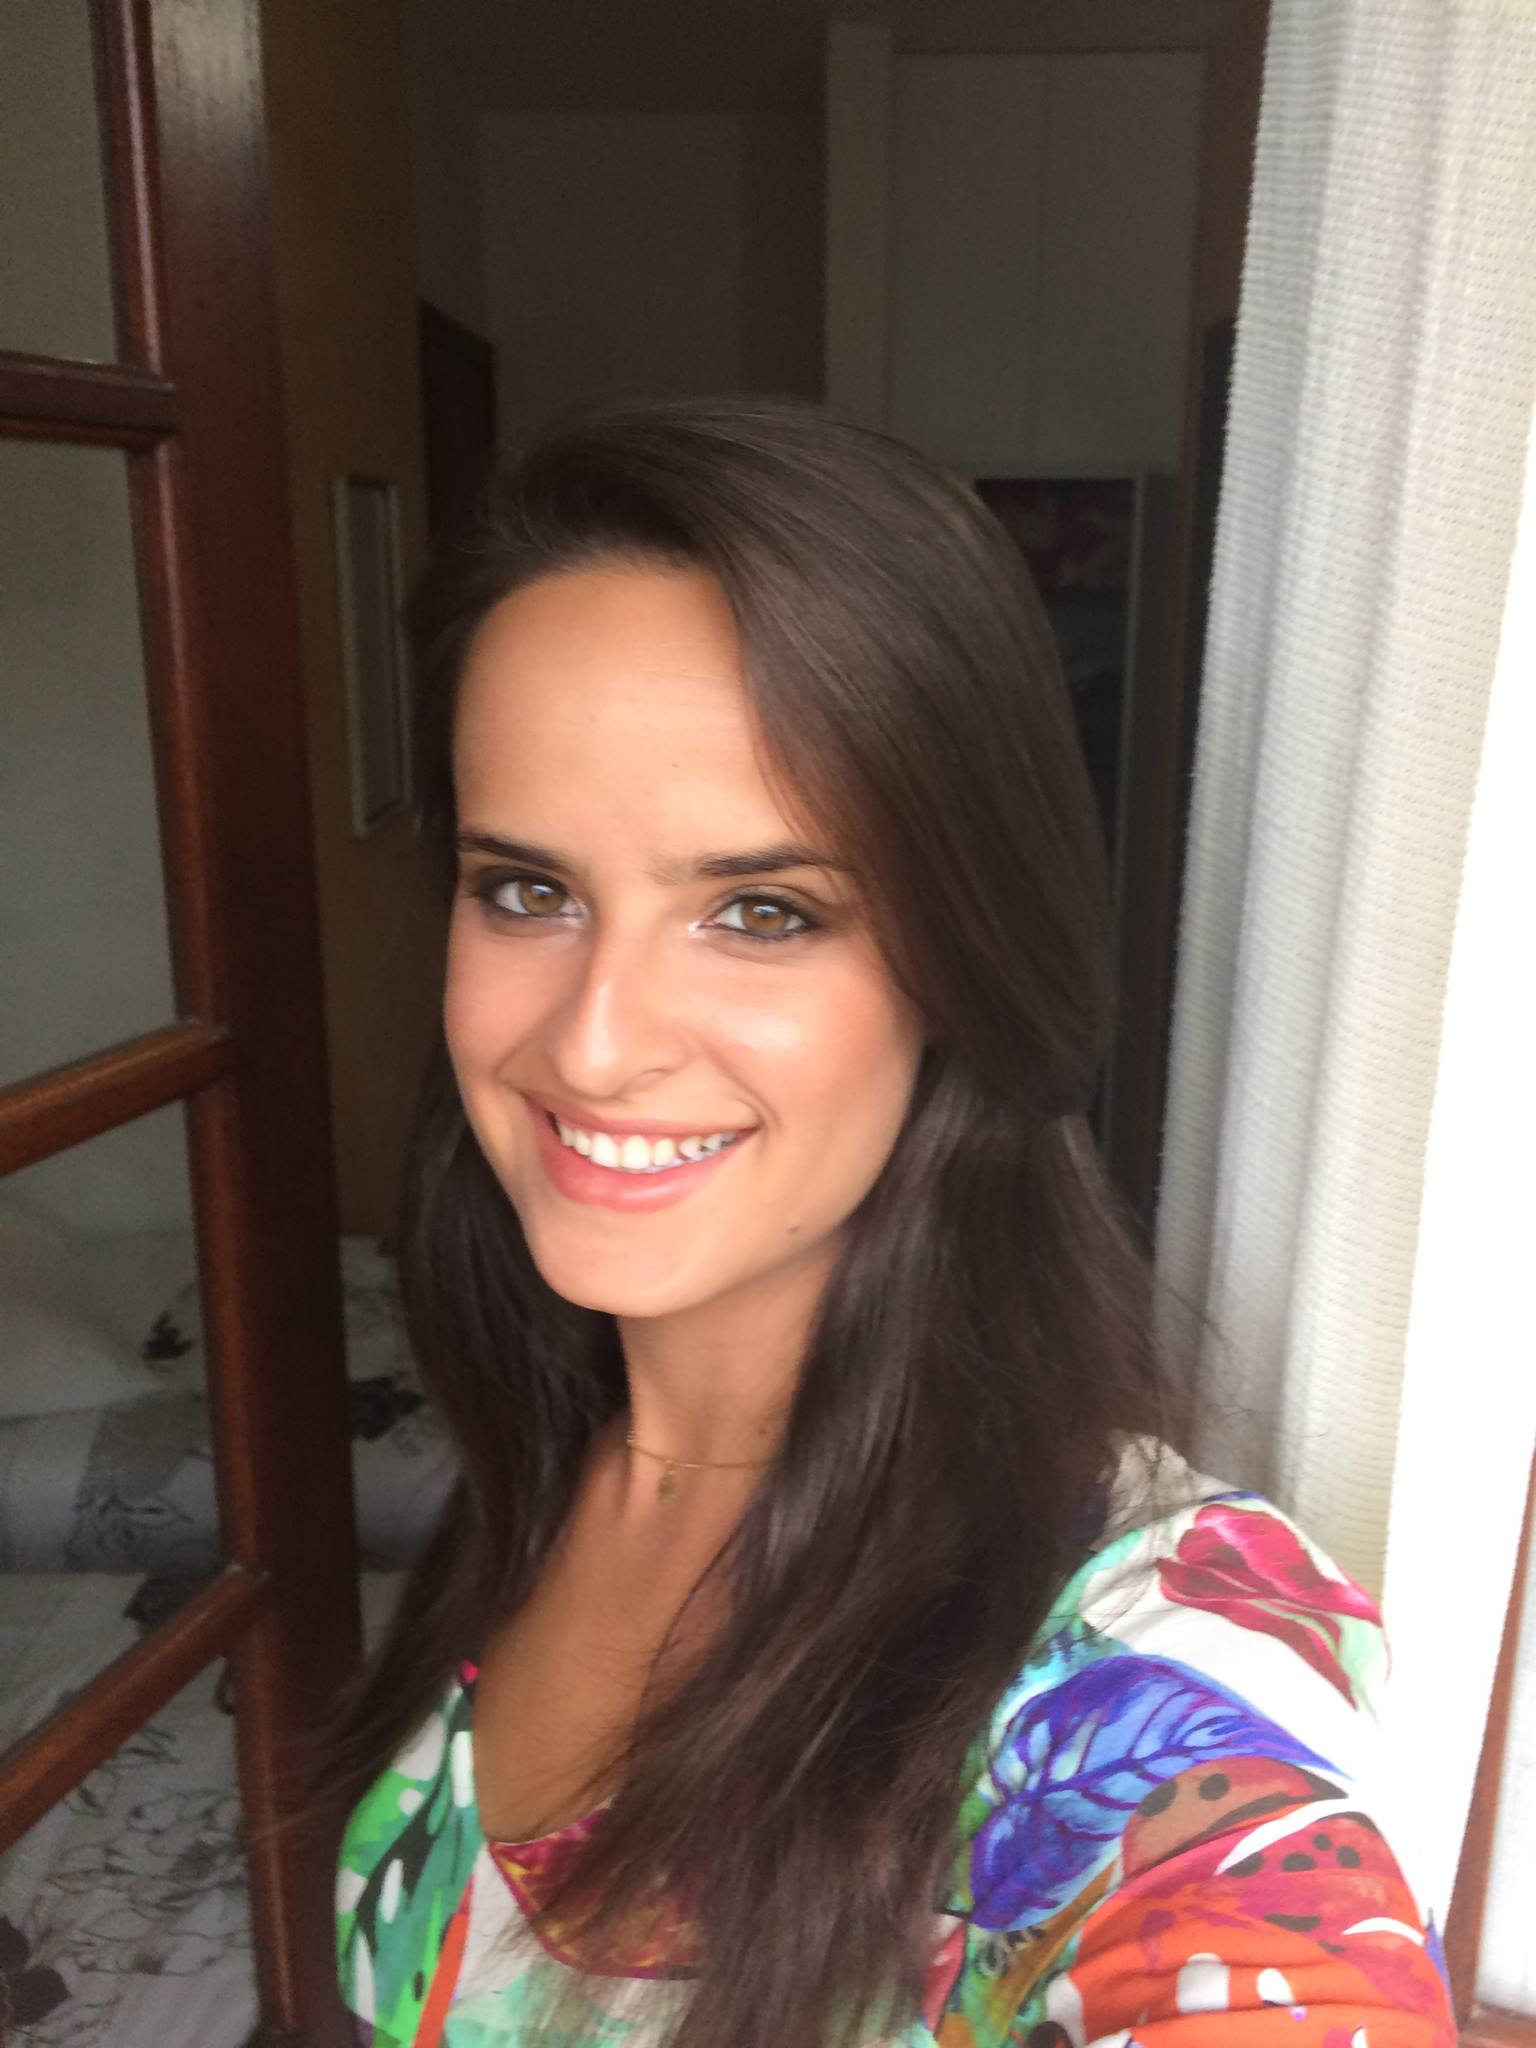 ENTREVISTA: Ingrid Ranieri - Aprovada no concurso da Câmara Municipal de Belo Horizonte no cargo de Técnico Legislativo